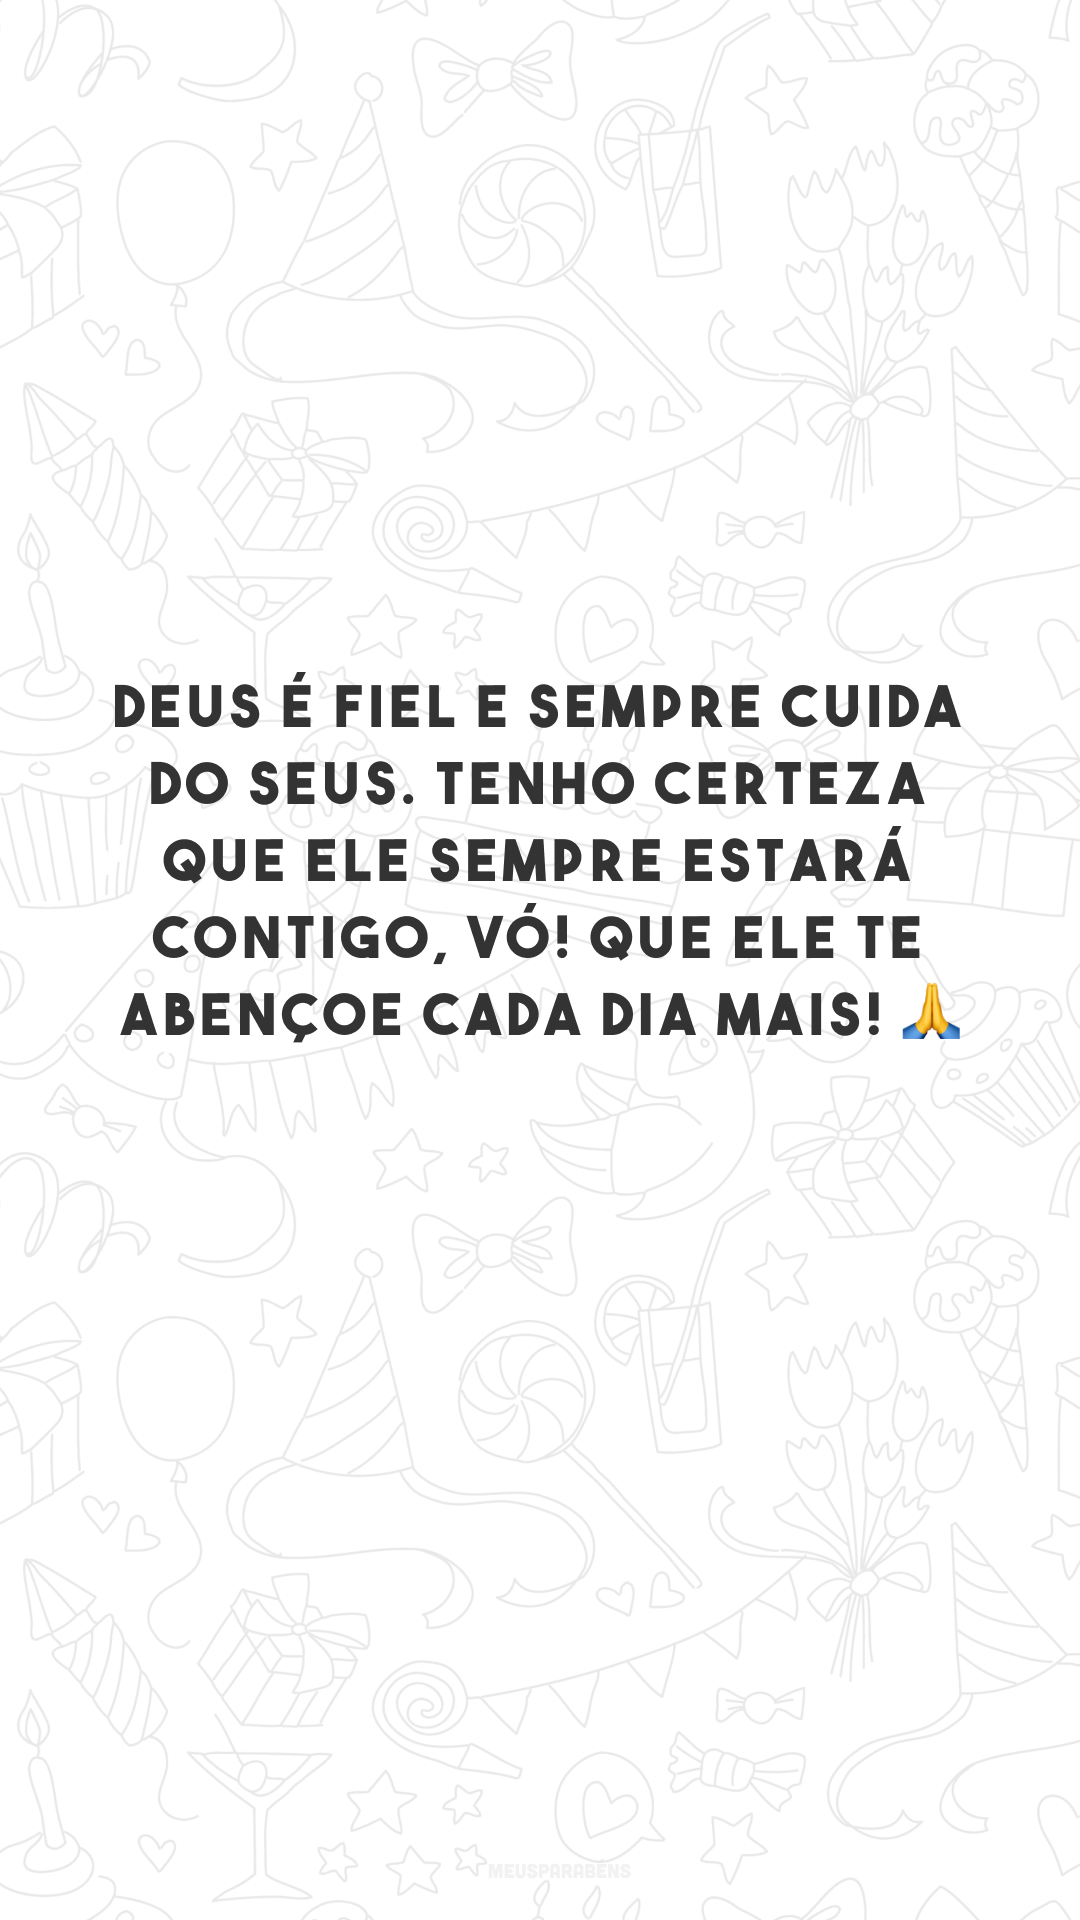 Deus é fiel e sempre cuida do seus. Tenho certeza que Ele sempre estará contigo, vó! Que ele te abençoe cada dia mais! 🙏